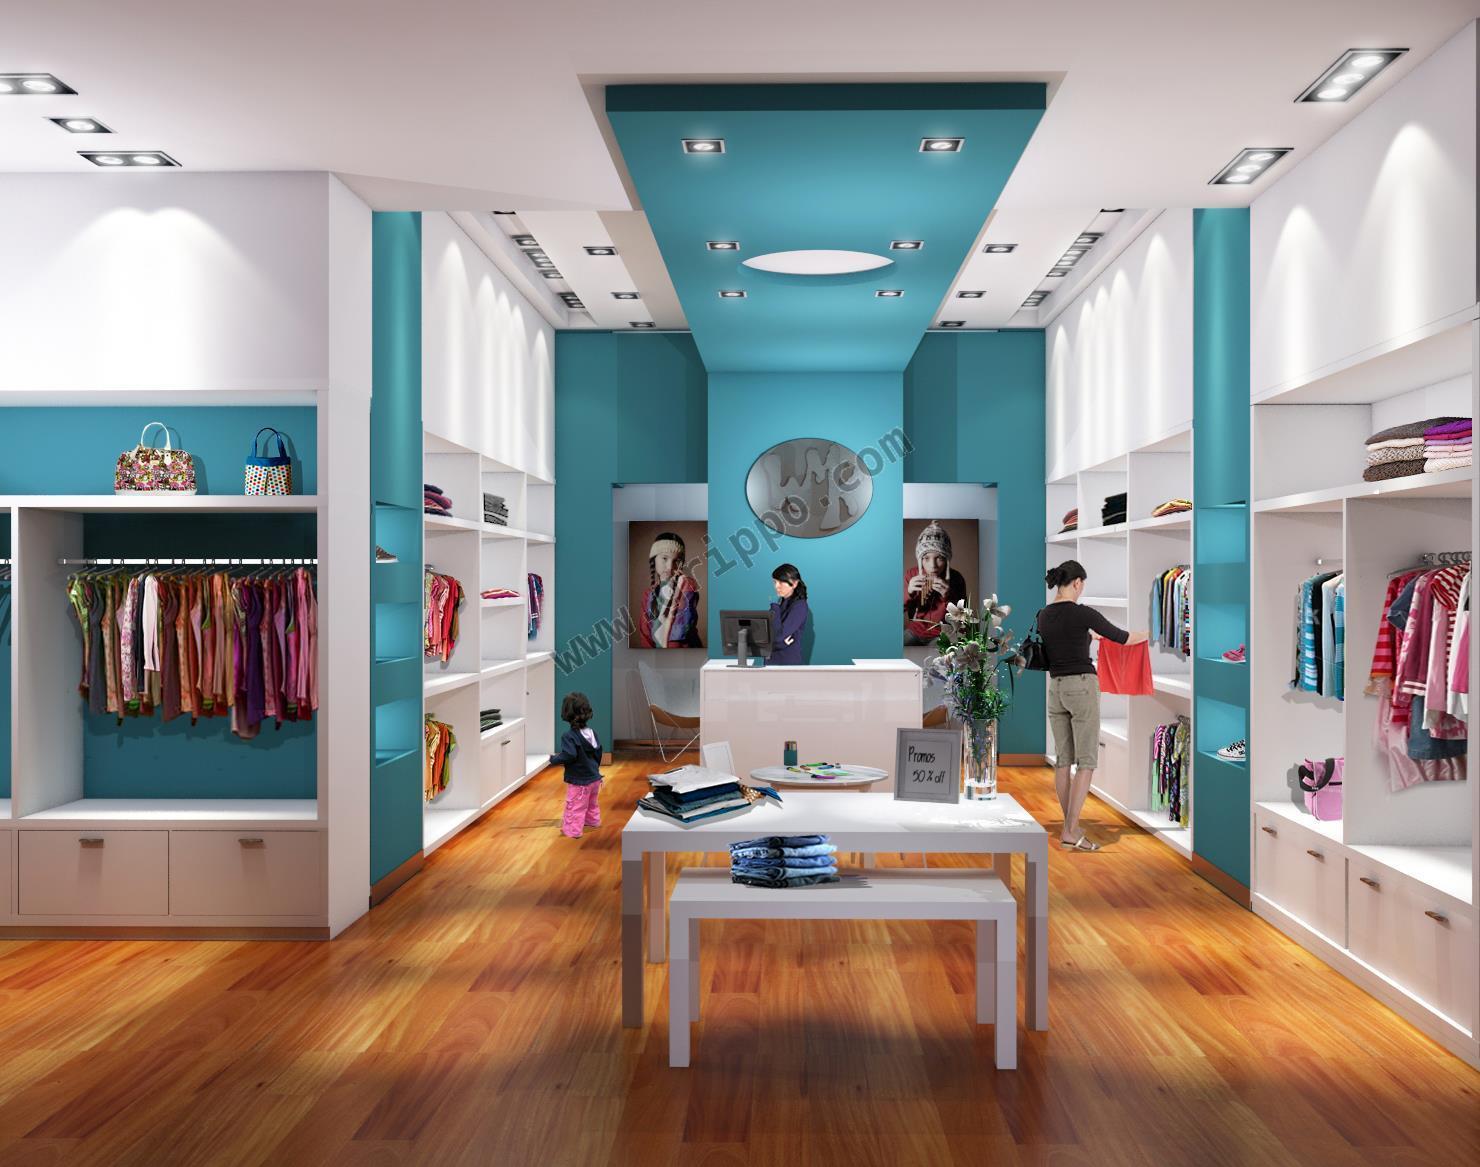 Dise o de locales comerciales y dise o de vidrieras y fachadas for Decoracion de interiores locales de ropa